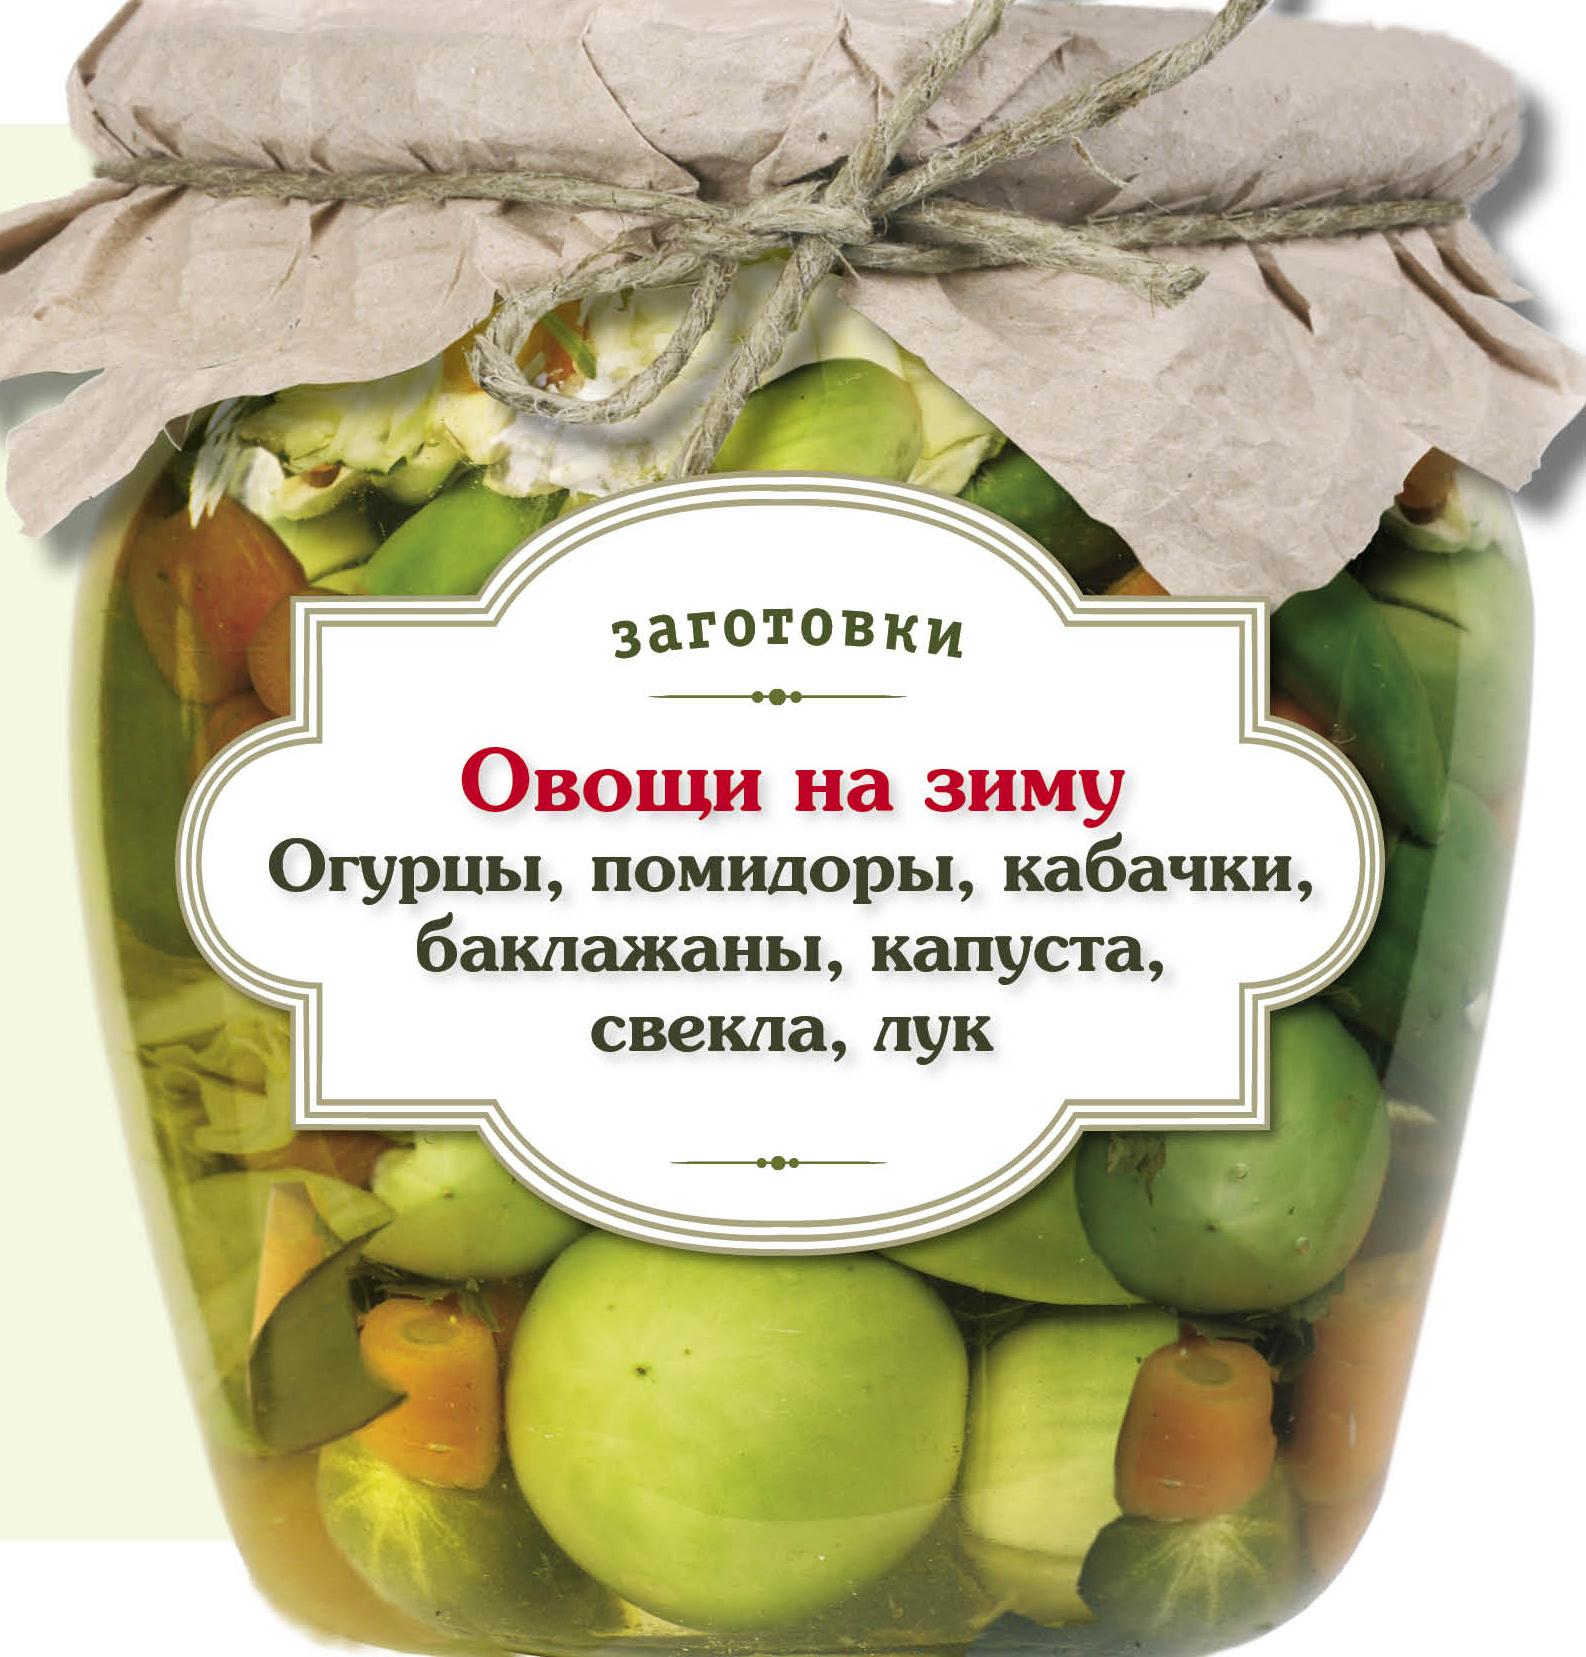 Овощи на зиму. Огурцы, помидоры, кабачки, баклажаны, капуста, свекла, лук вкусные овощи морковь свекла репа